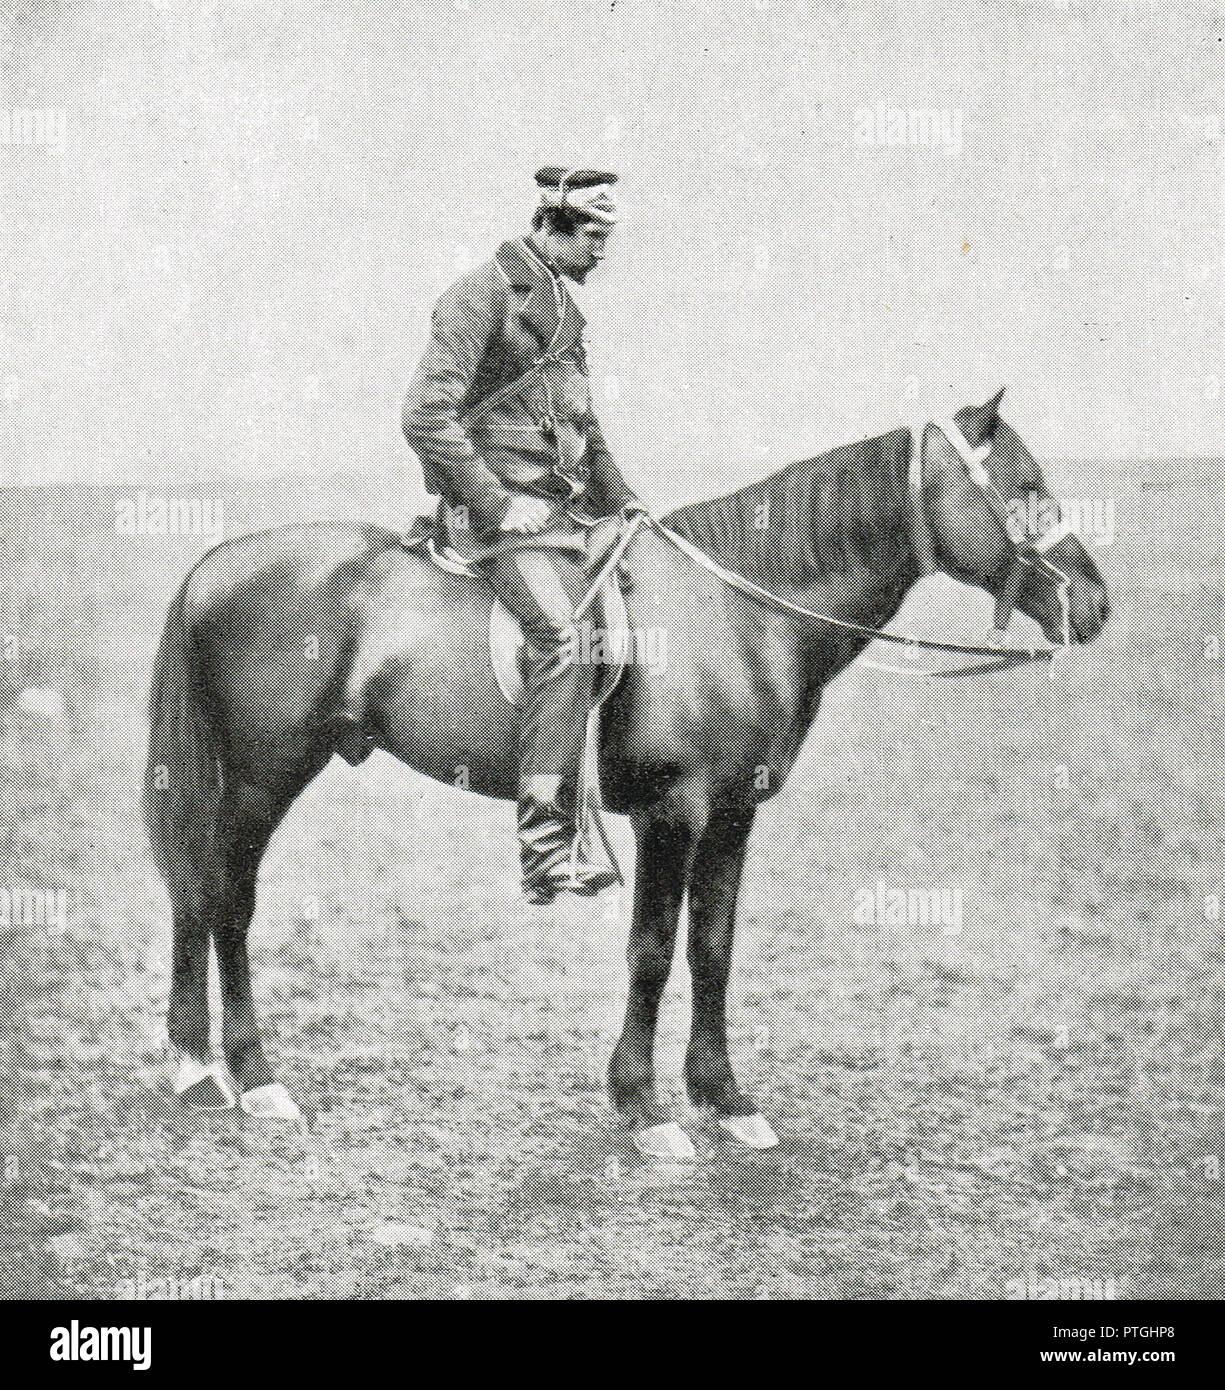 Generale La onorevole Sir George Cathcart, a cavallo durante la Guerra di Crimea, da Roger Fenton. Cathcart è stato ucciso durante la Battaglia di Inkerman, 5 novembre 1854 Immagini Stock